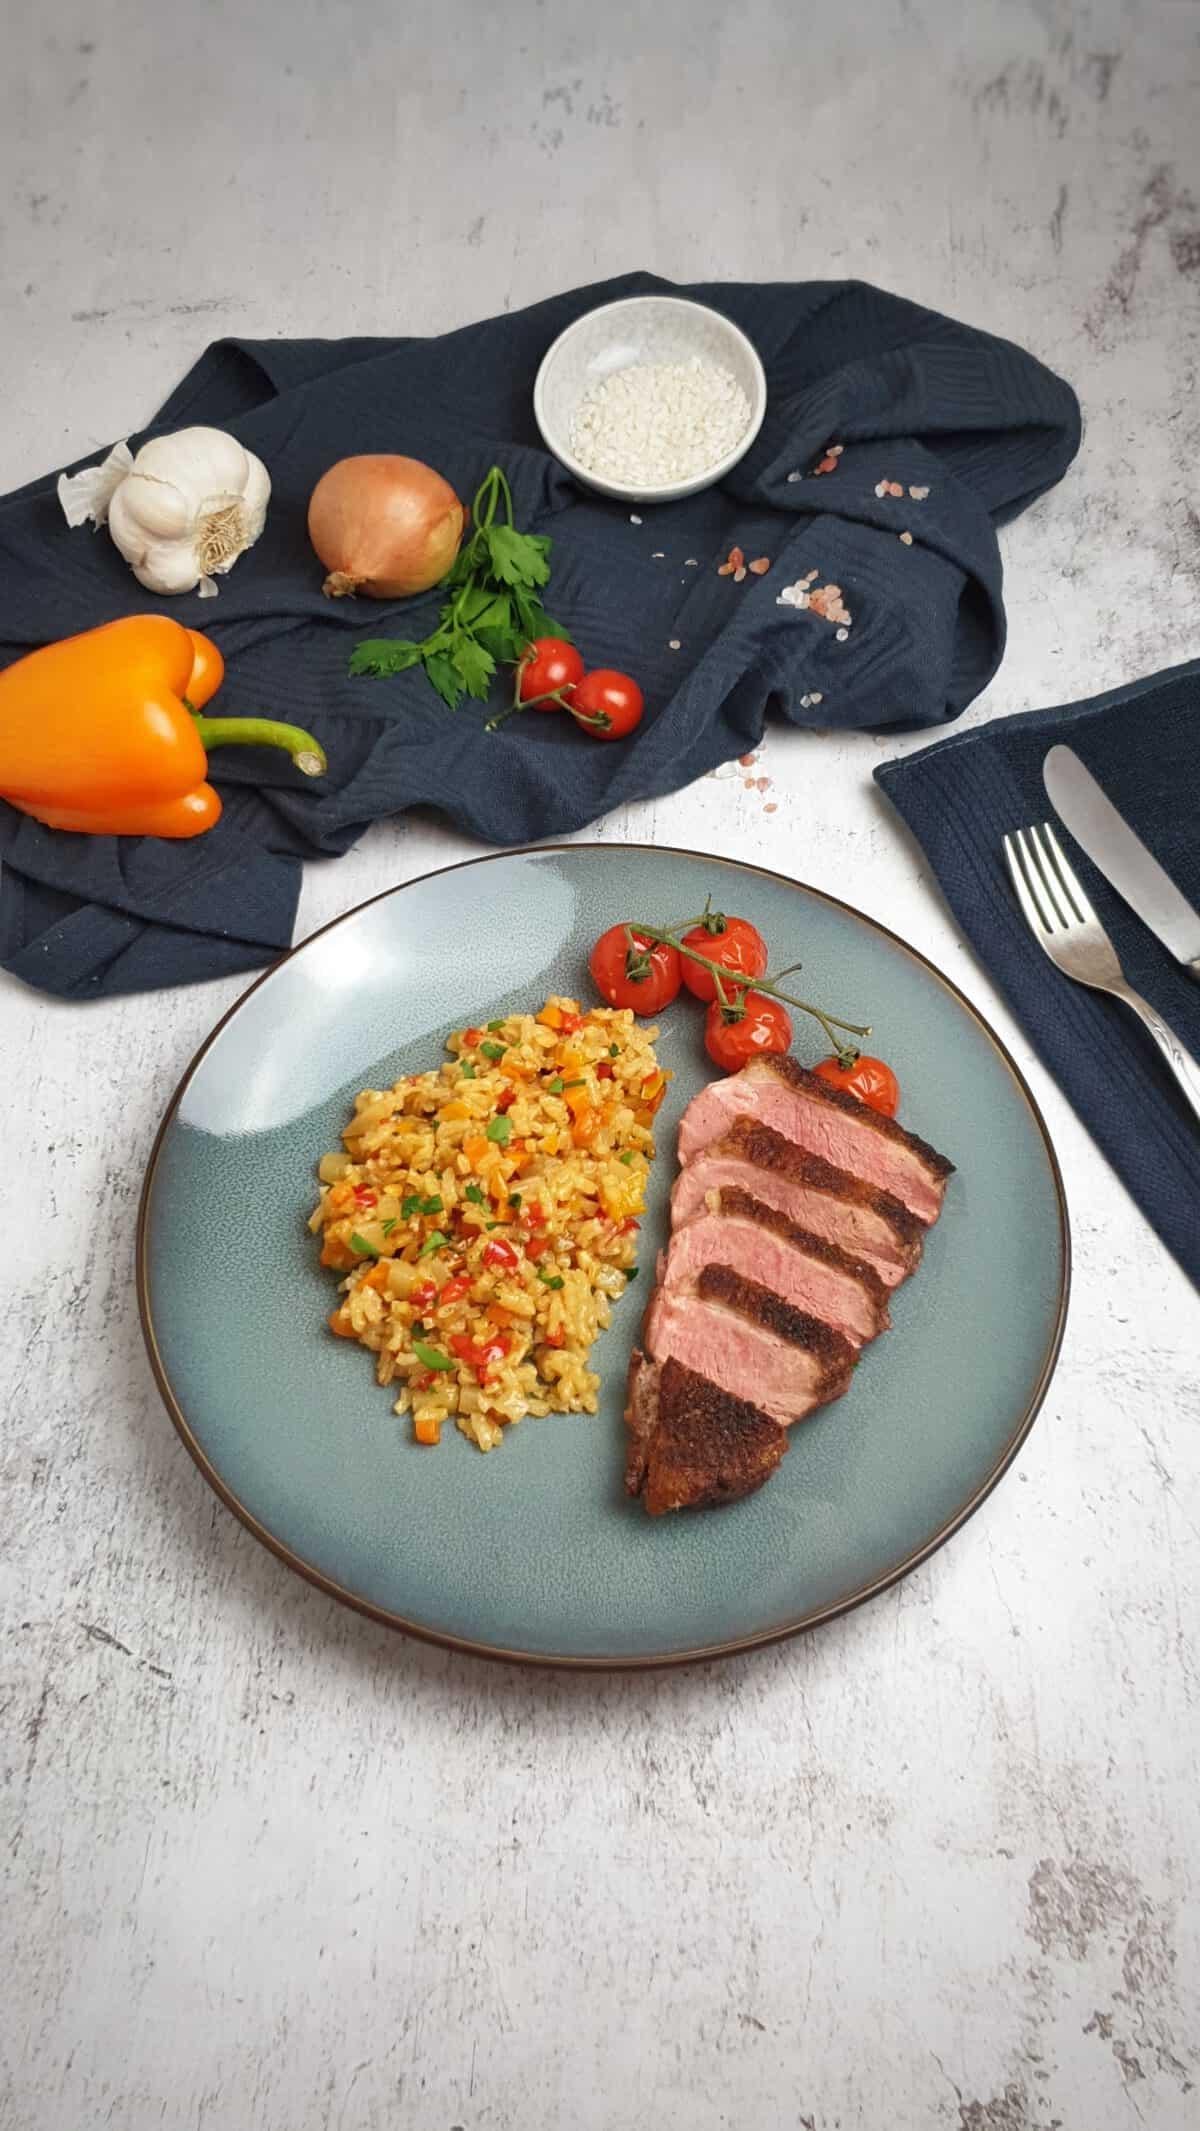 Auf einem blauen Teller angerichtet Ofen Risotto mit Entenbrust. Im Hintergrund Deko.